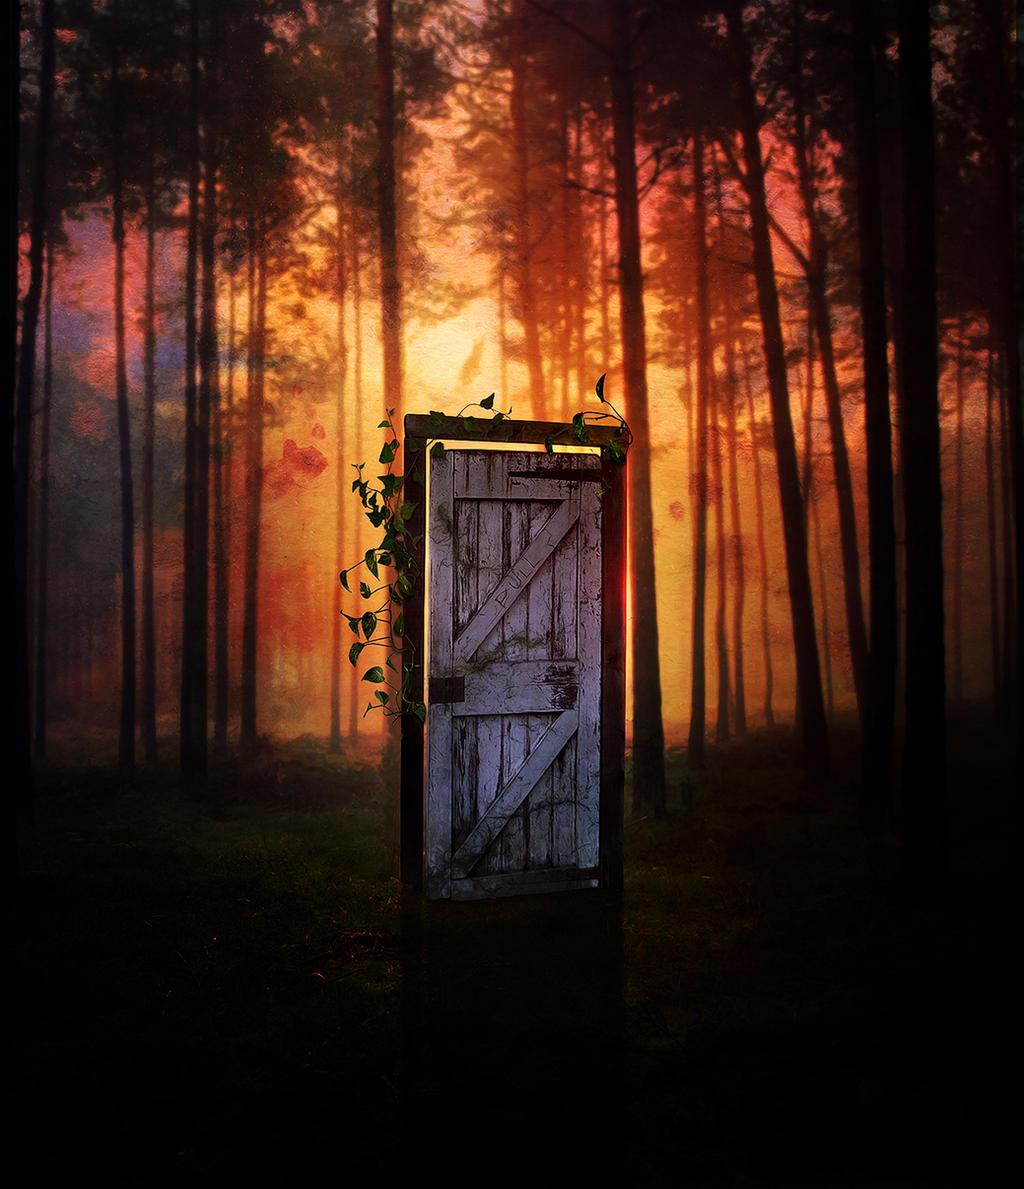 The Door by MachiavelliCro